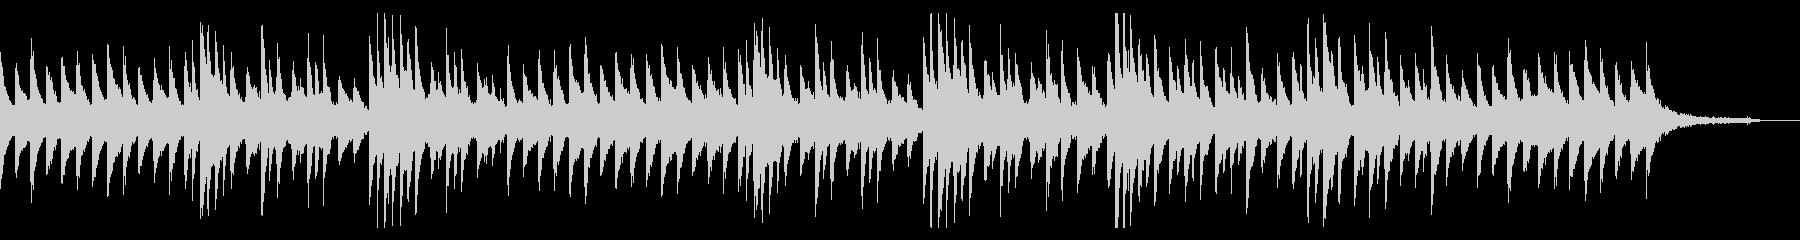 淡々とした冷たい印象のピアノBGMの未再生の波形